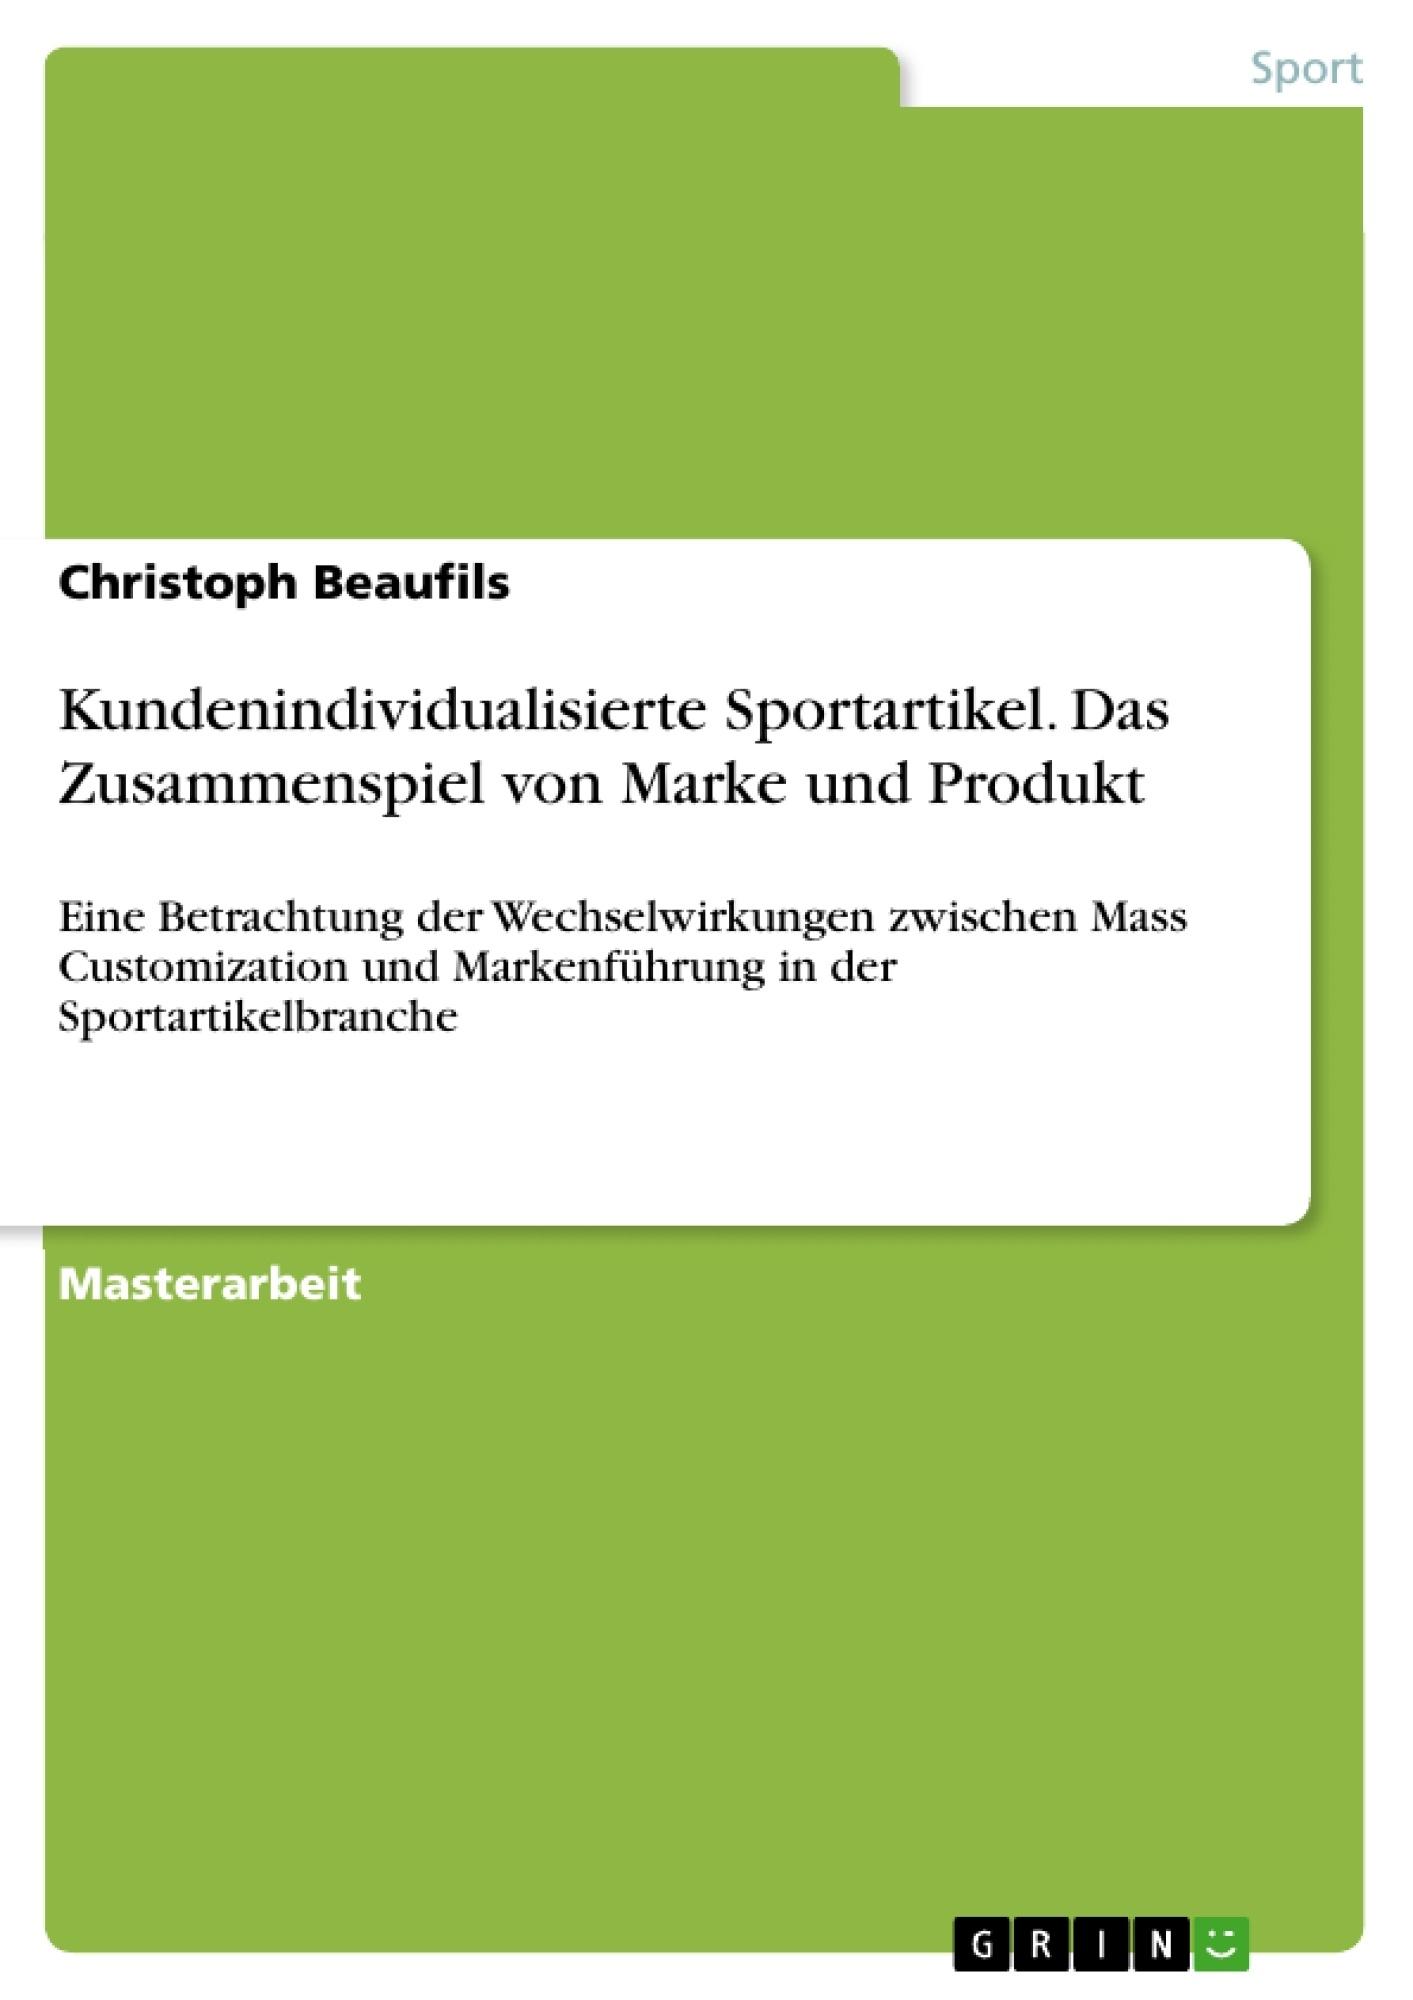 Titel: Kundenindividualisierte Sportartikel. Das Zusammenspiel von Marke und Produkt